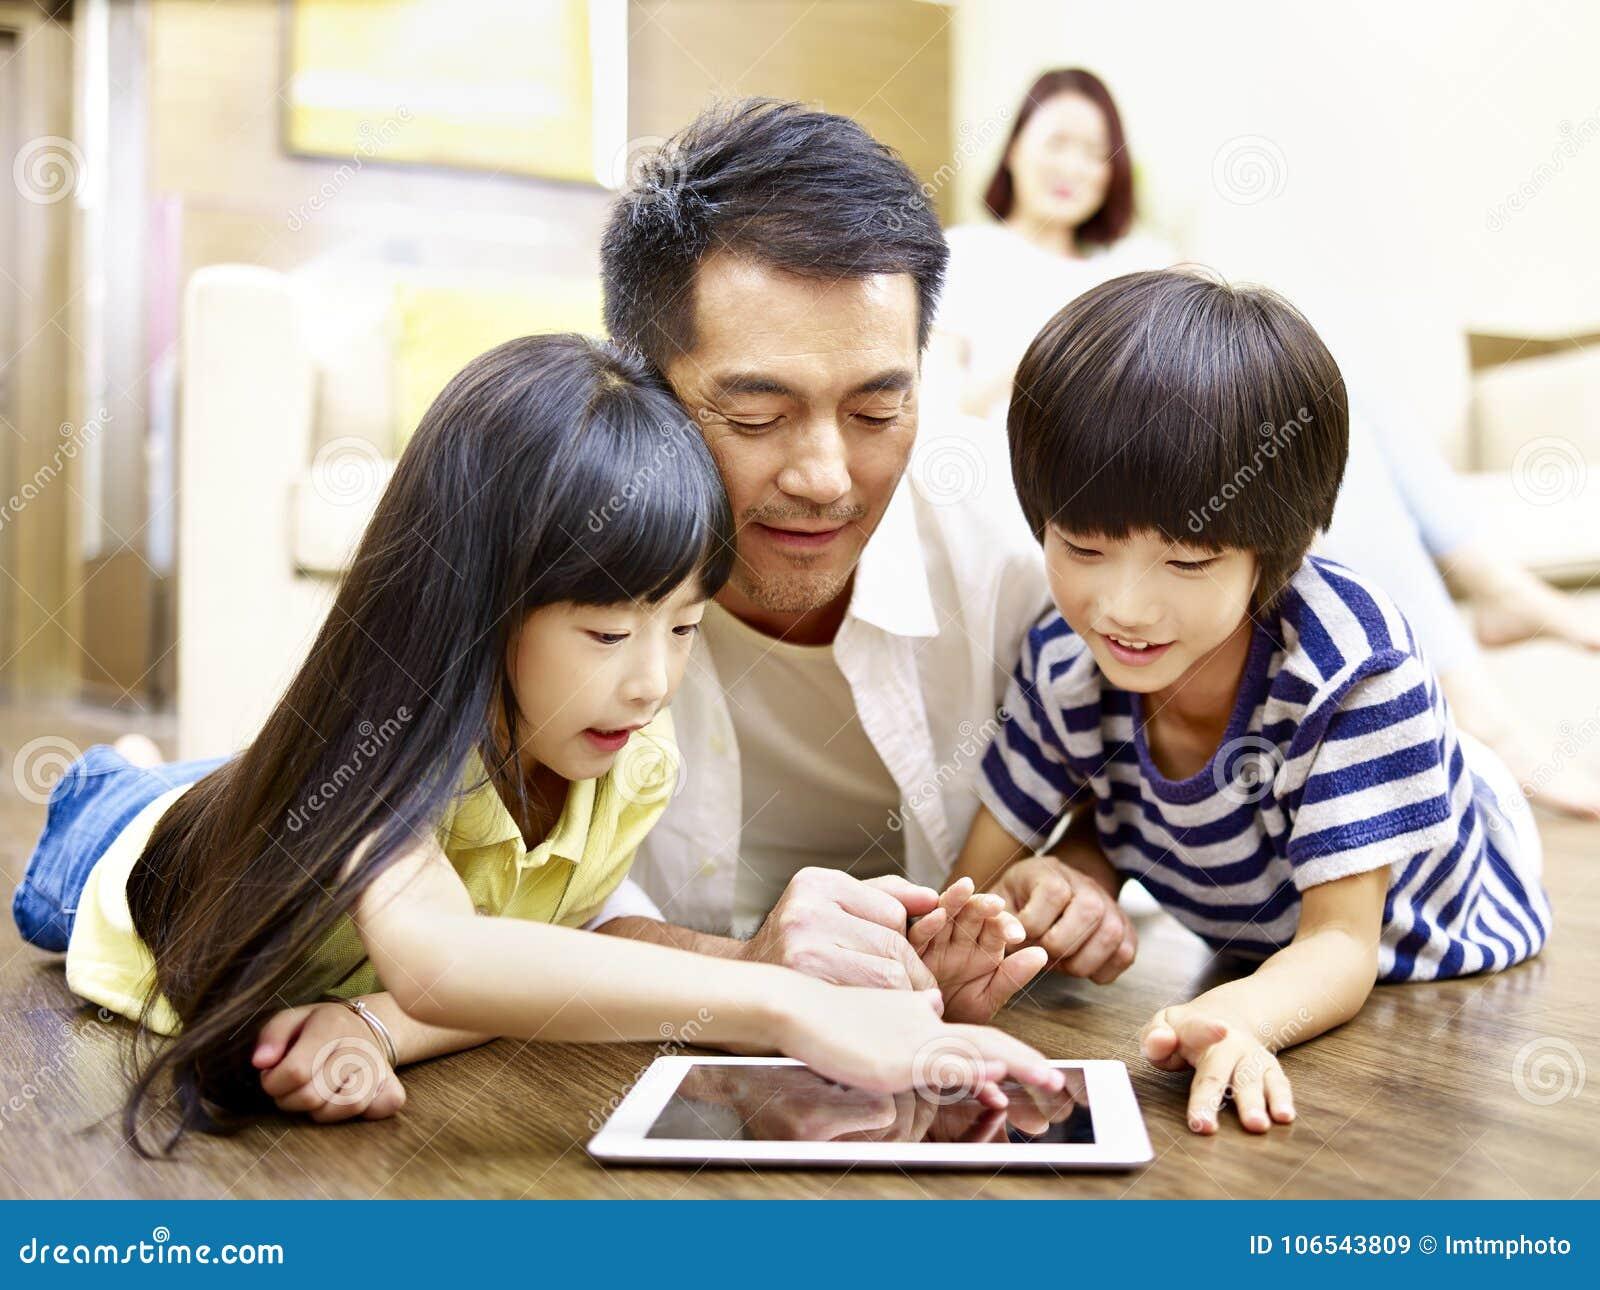 Asiatischer Vater Und Zwei Kinder, Die Zusammen Digitale Tablette ...